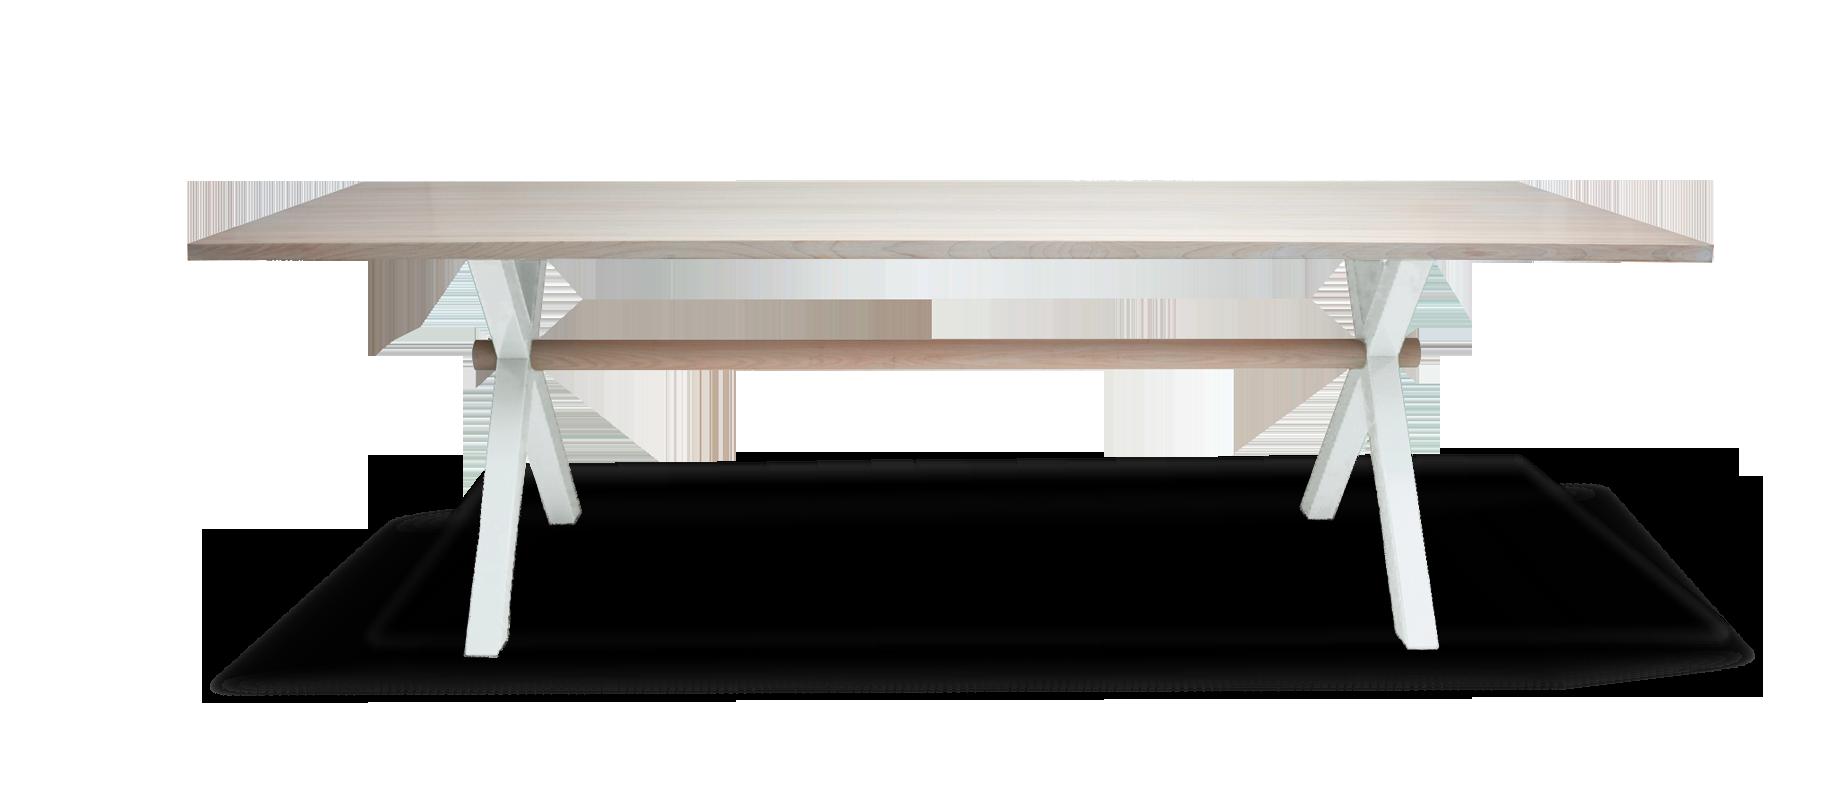 Limbo Matbord  Produktbeskrivning DESIGNER  Broberg & Ridderstråle Stilrent, snyggt och väldigt stadigt bord från Klong.